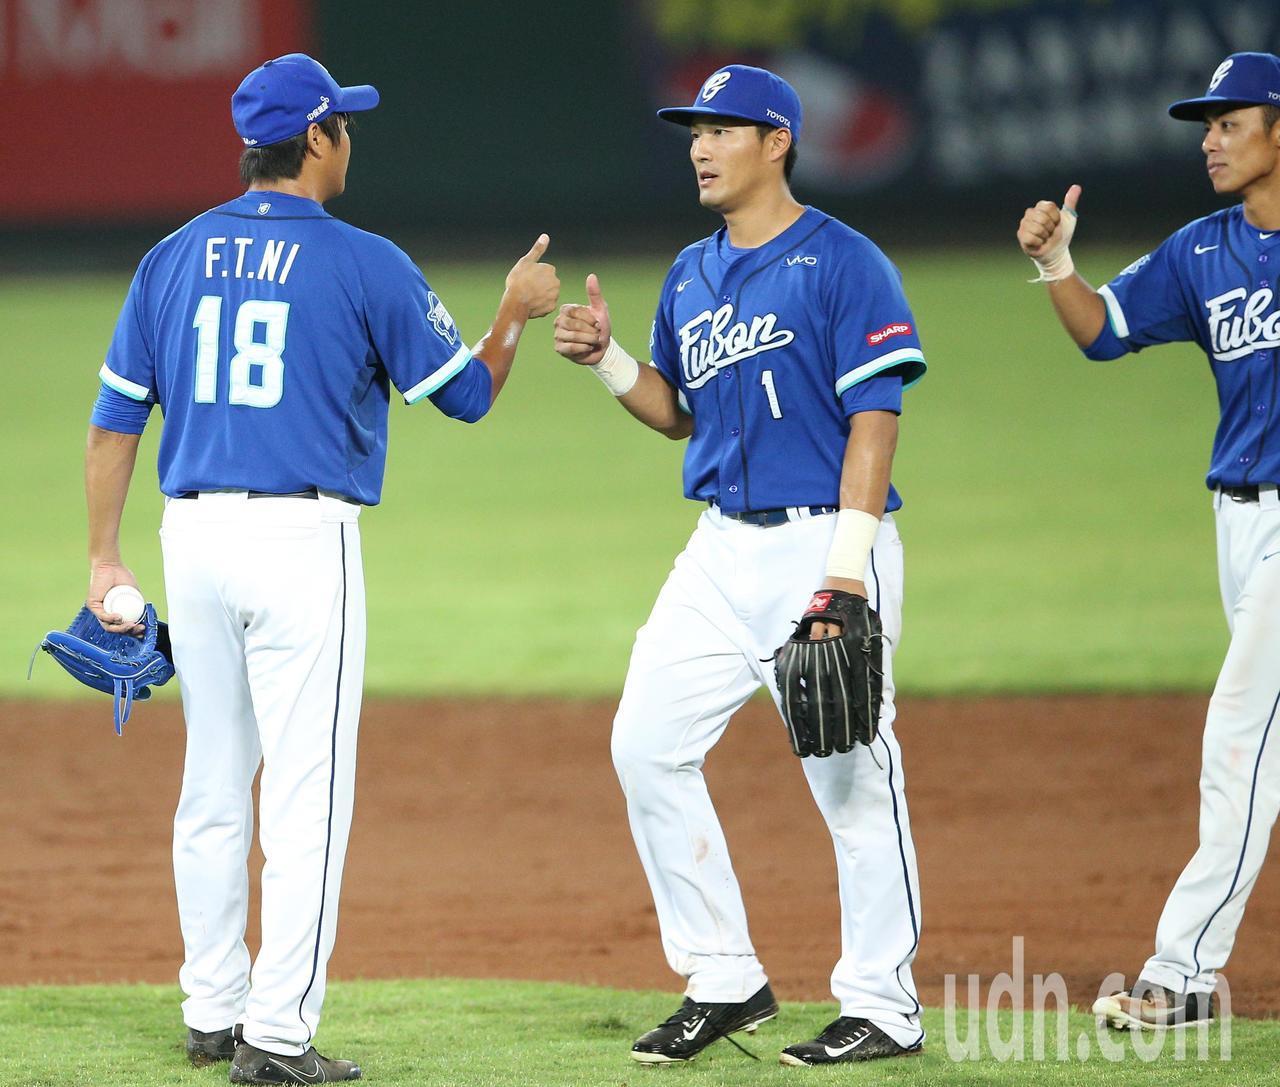 富邦悍將投手倪福德(左)與隊友相互慶祝。記者陳正興/攝影